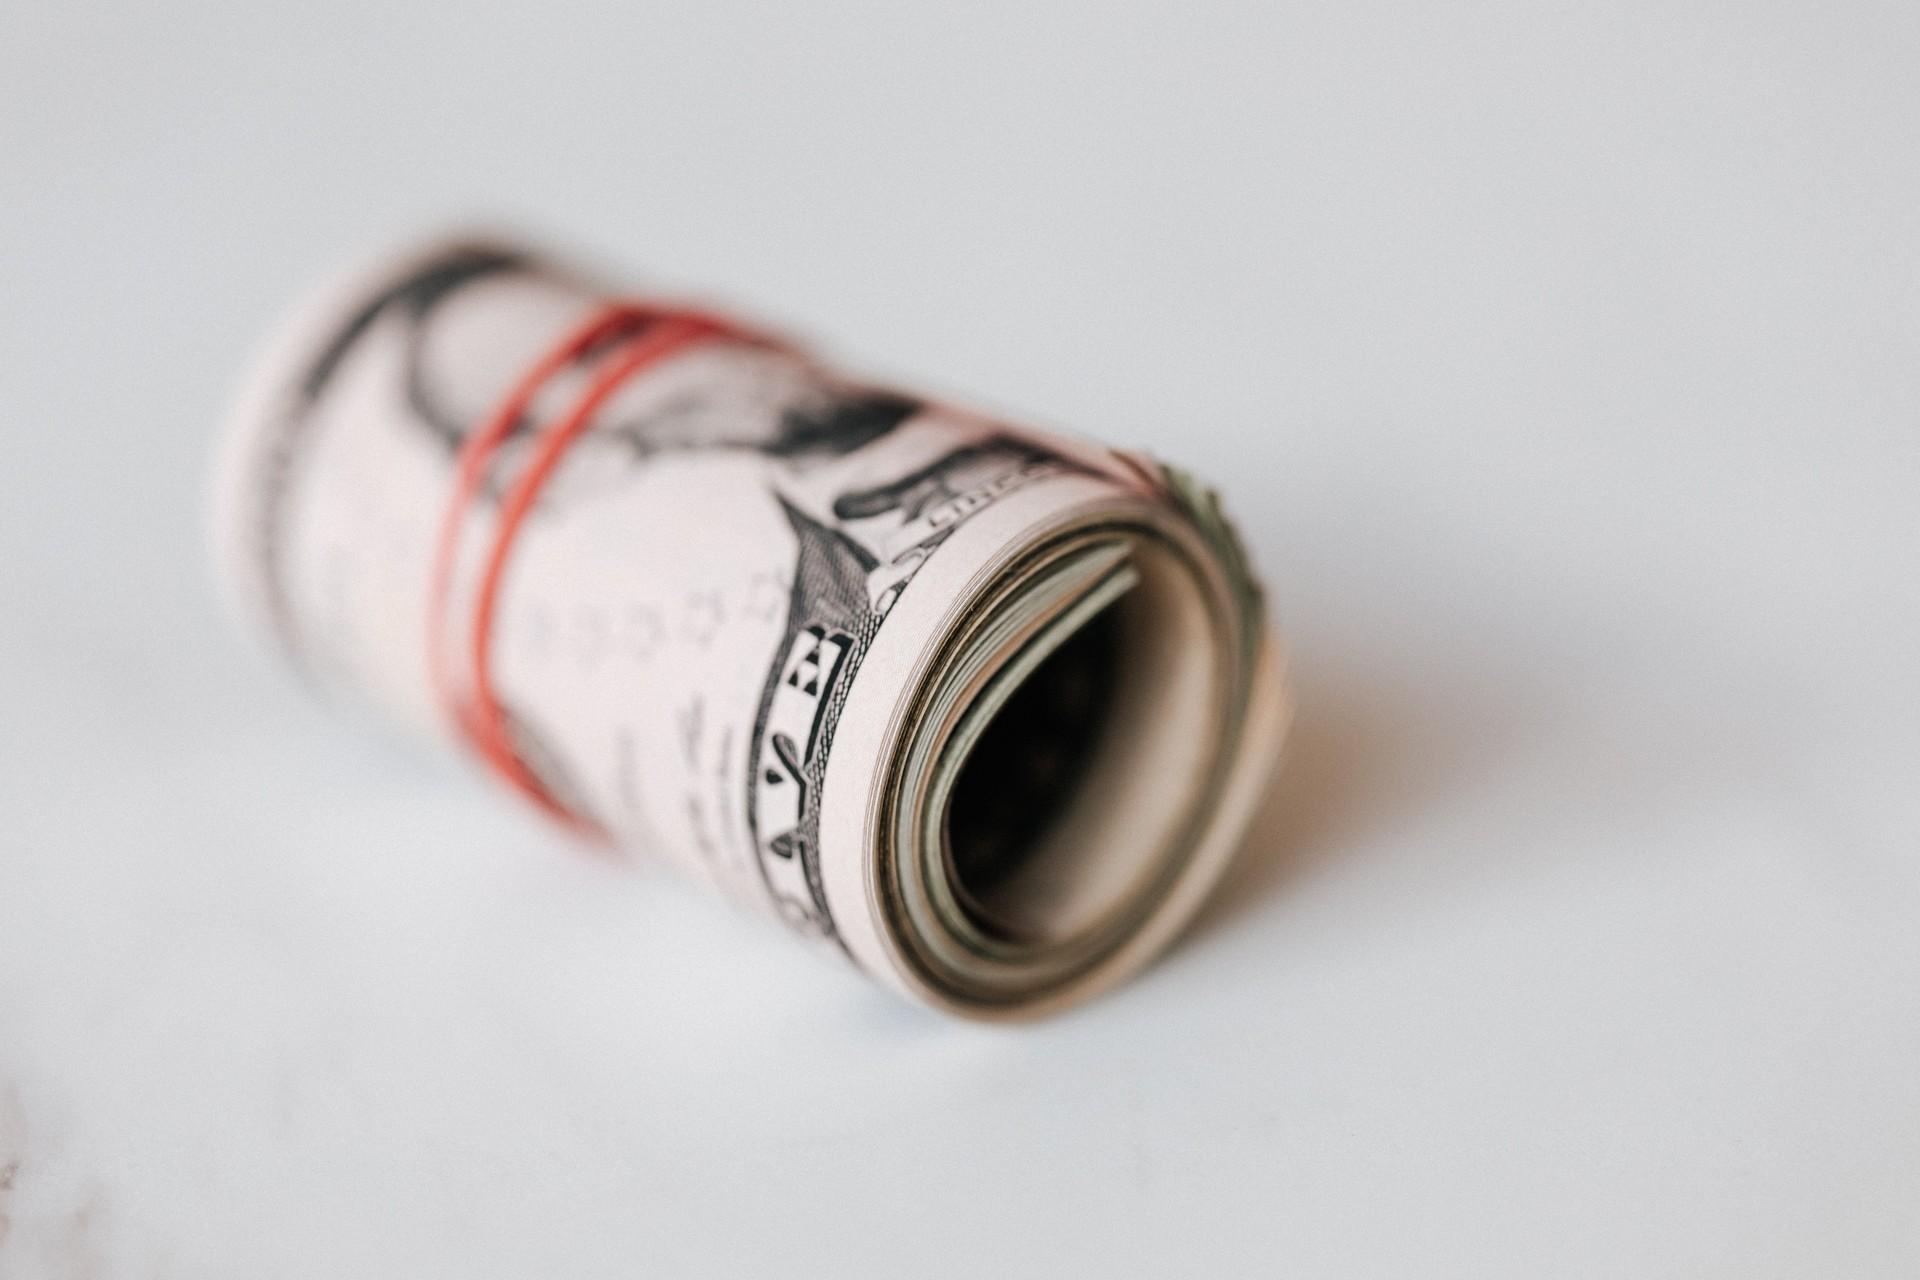 Sequestro, Confisca, Spaccio Droga | È possibile la restituzione del denaro?